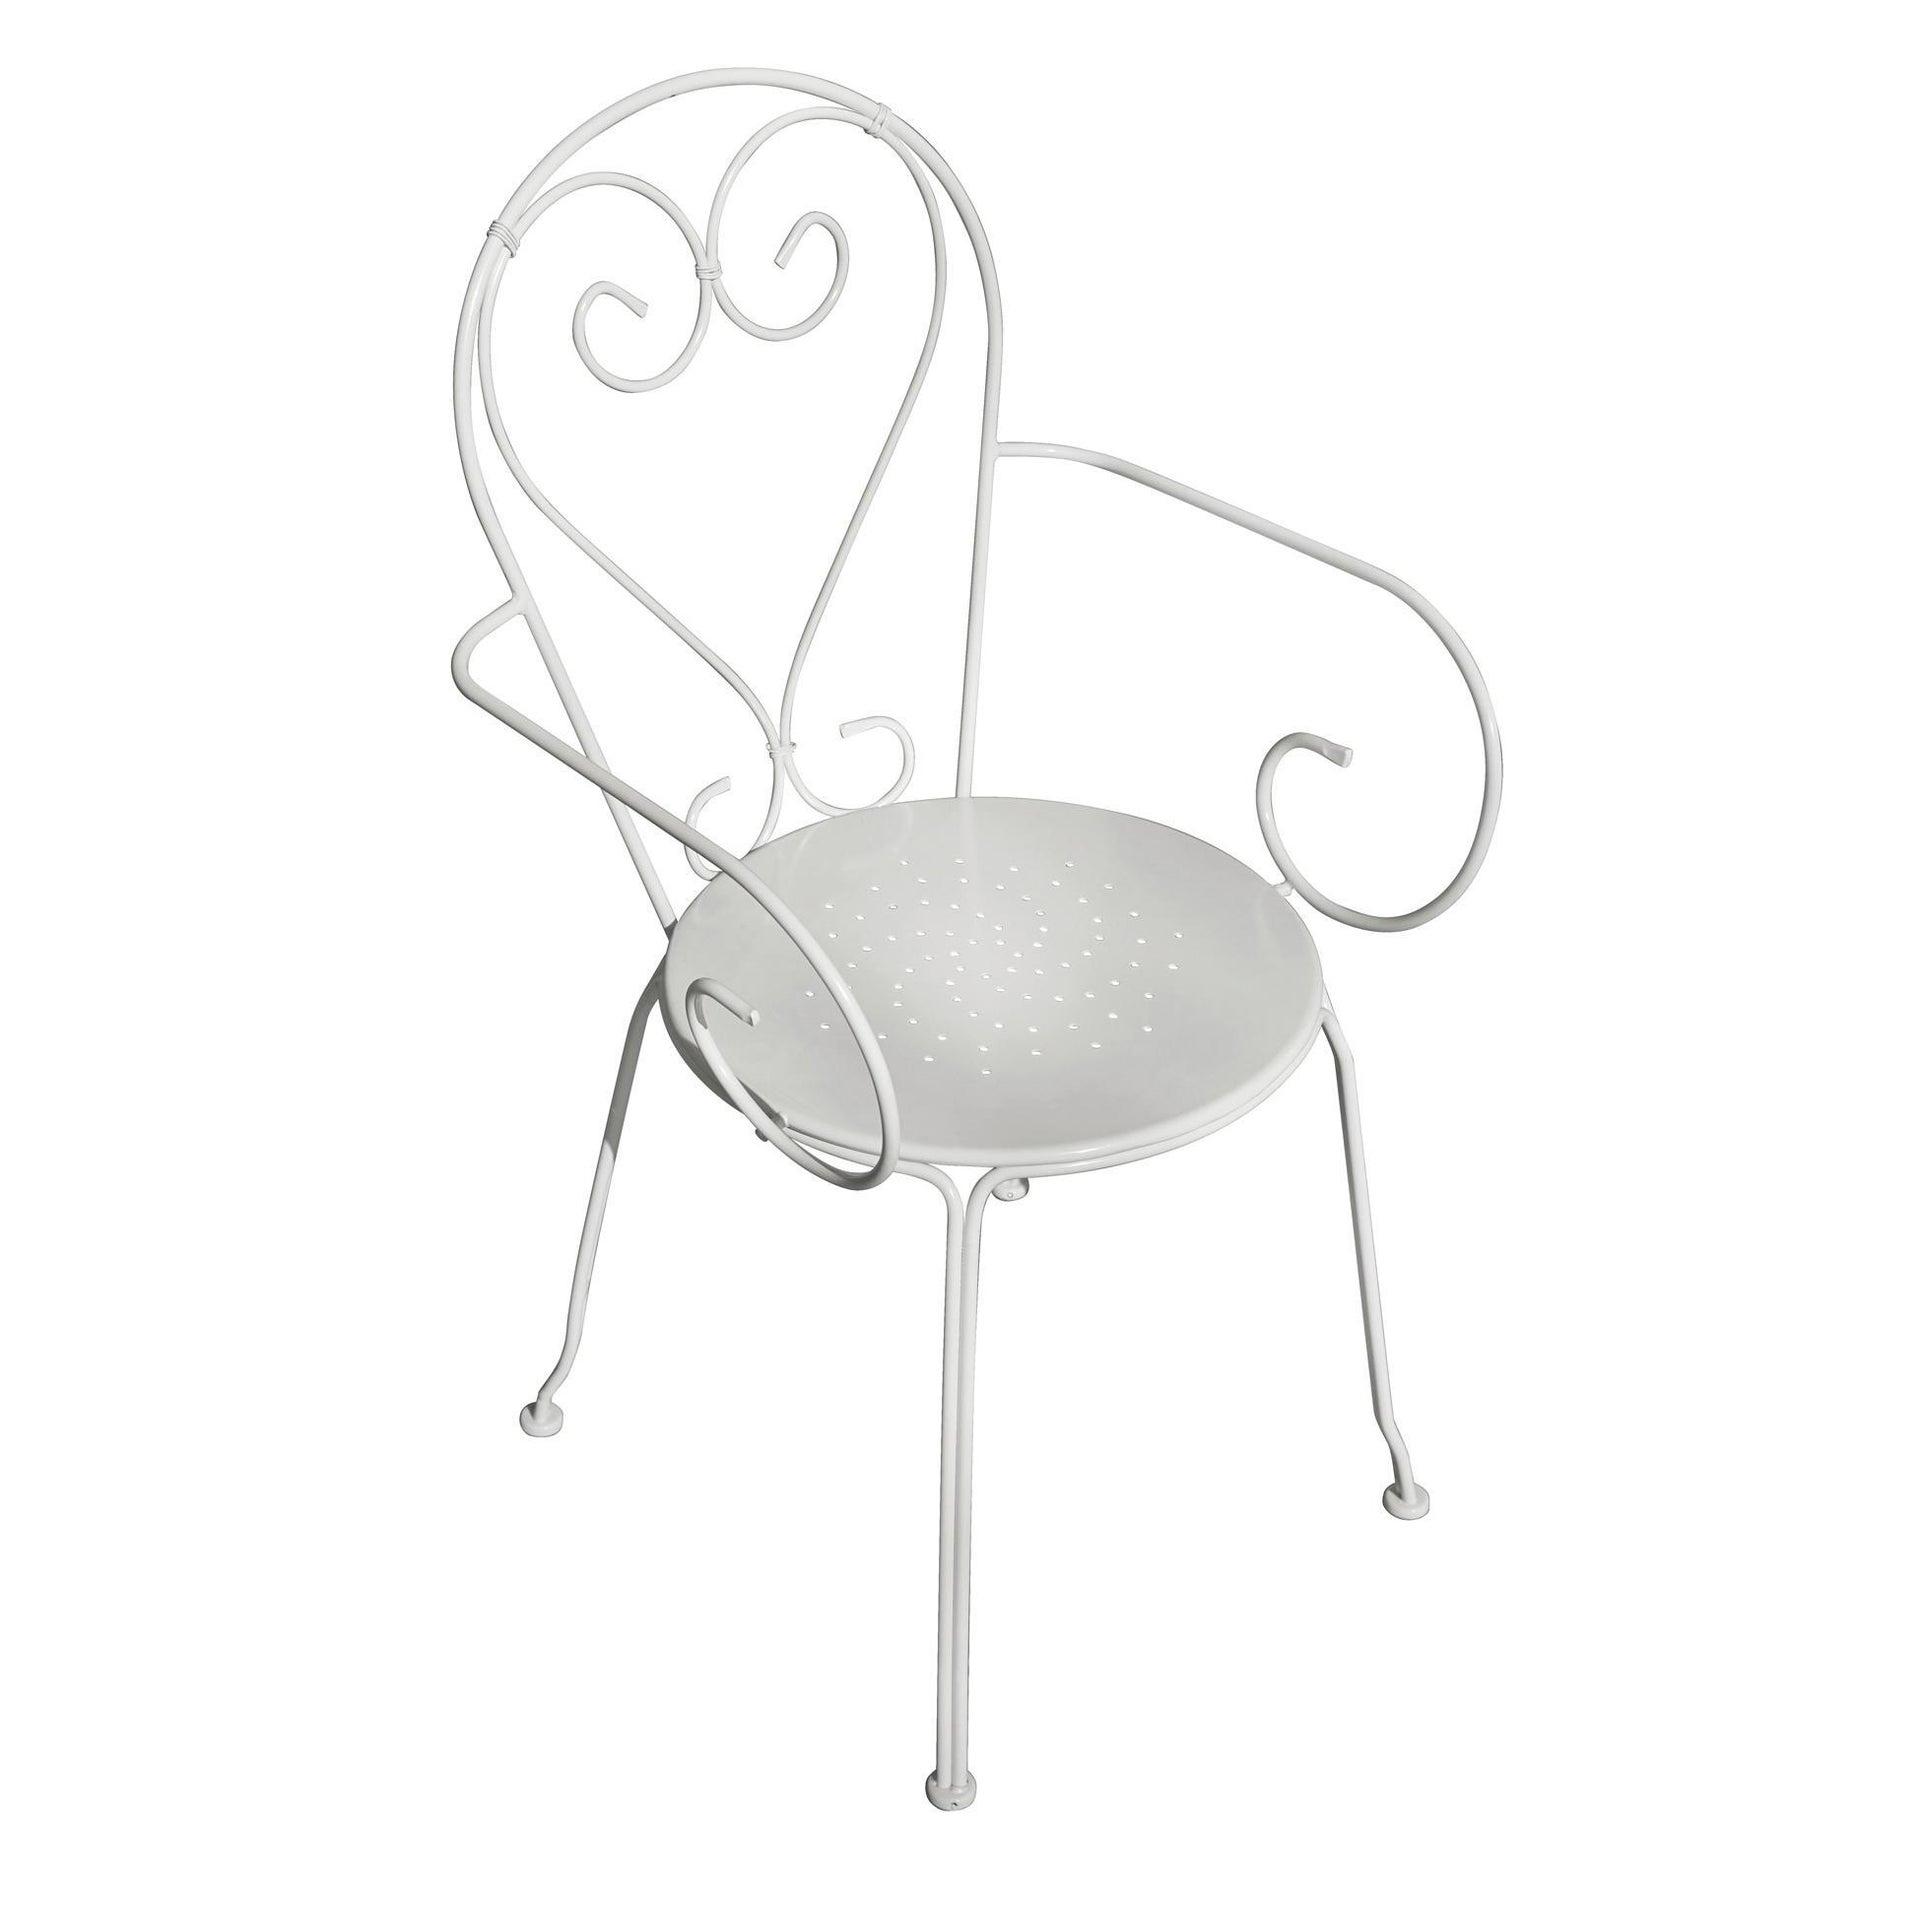 Sedia con braccioli senza cuscino Sirmione colore bianco - 3